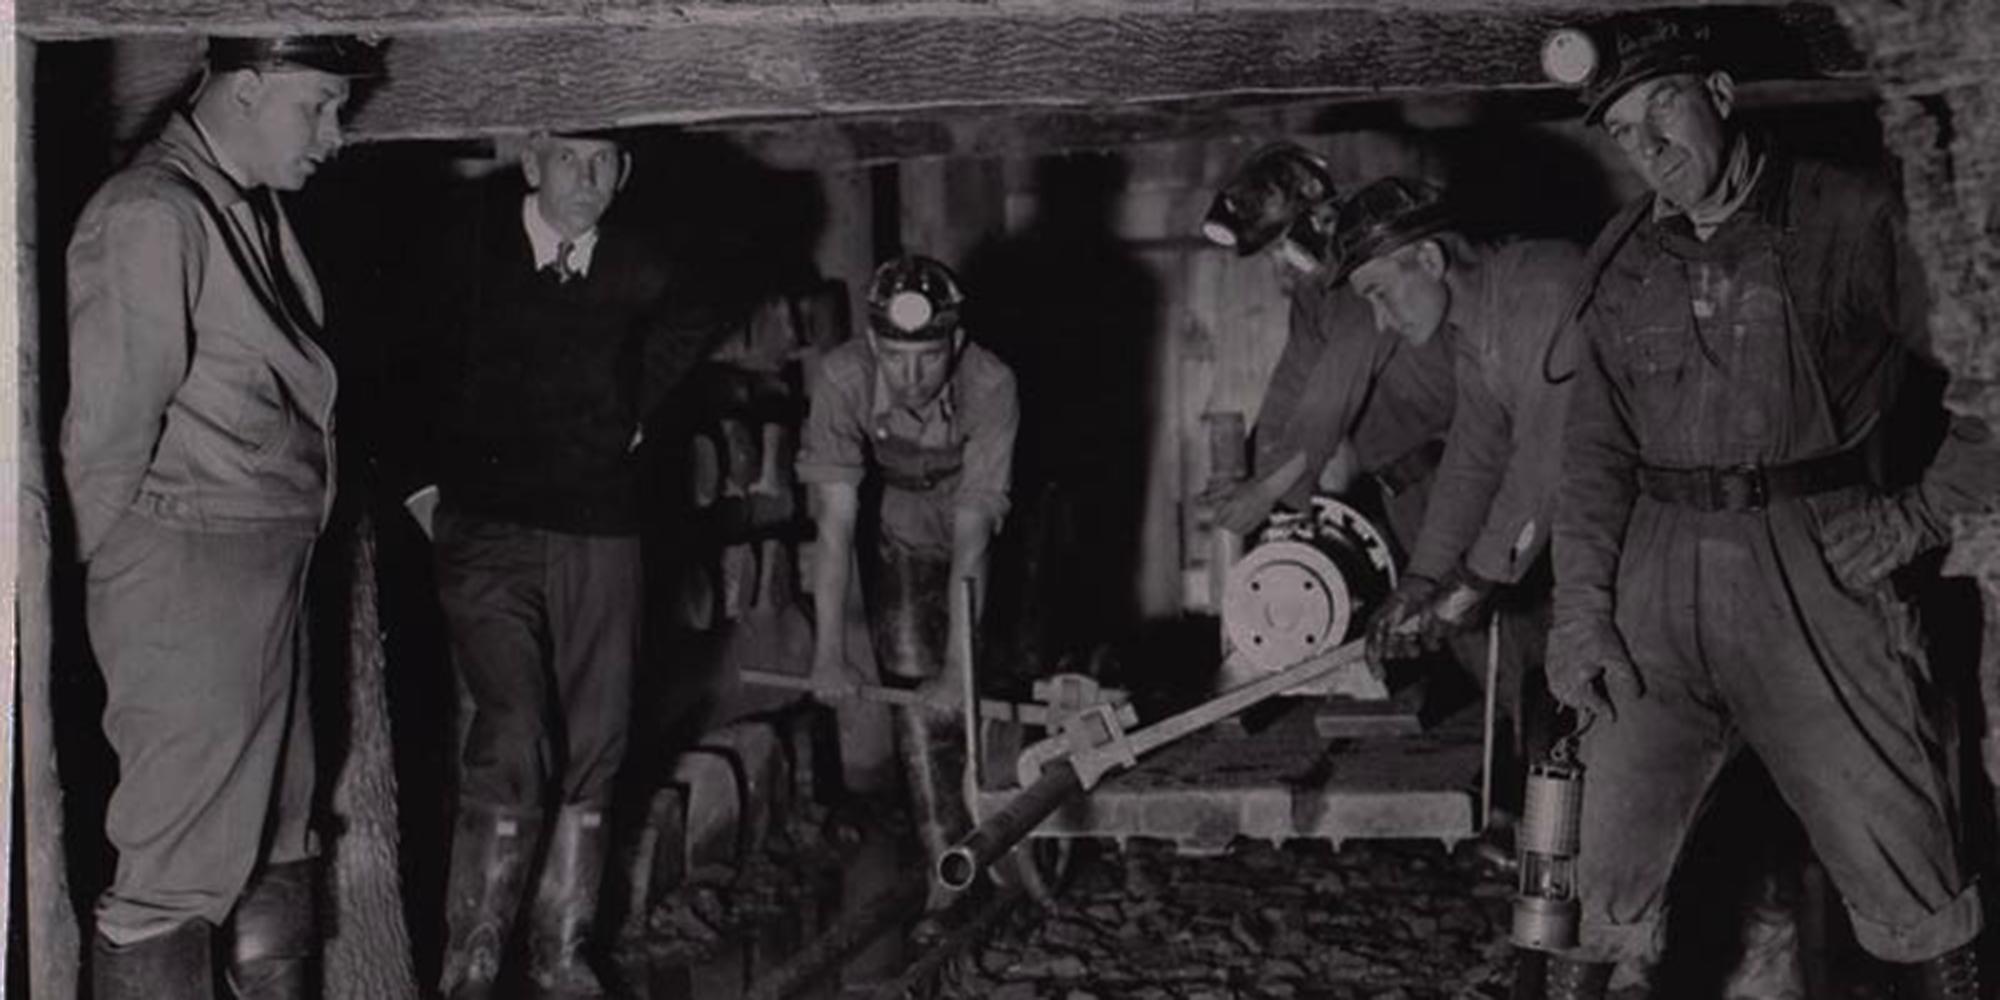 Coal miners in mine